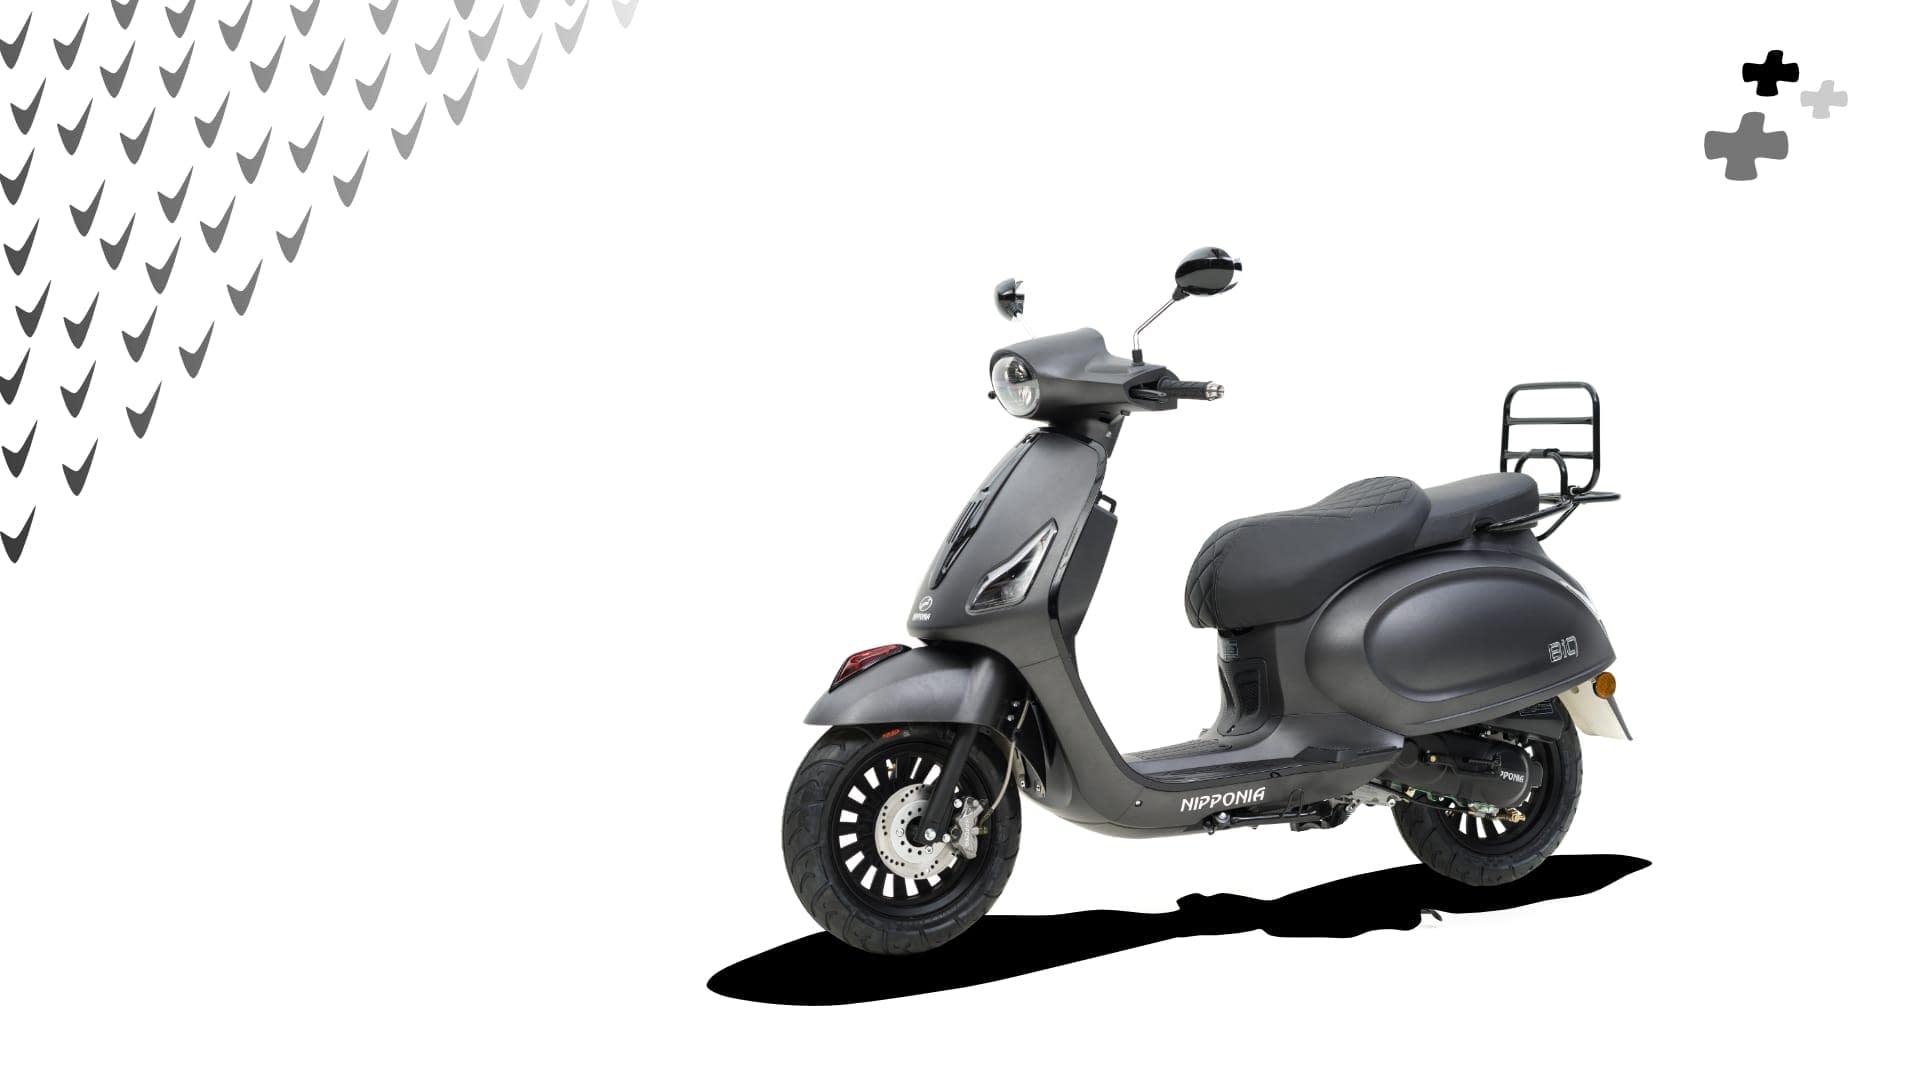 Nipponia BiQ Petrol Scooter